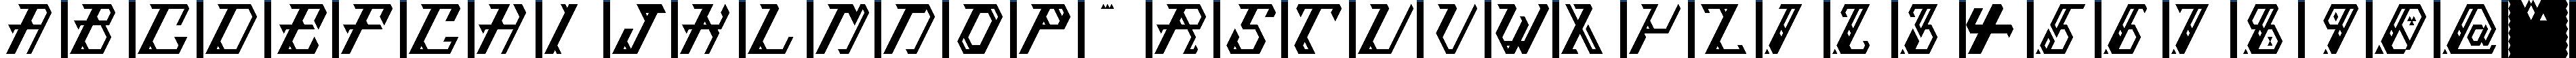 Particip-a-type v.303